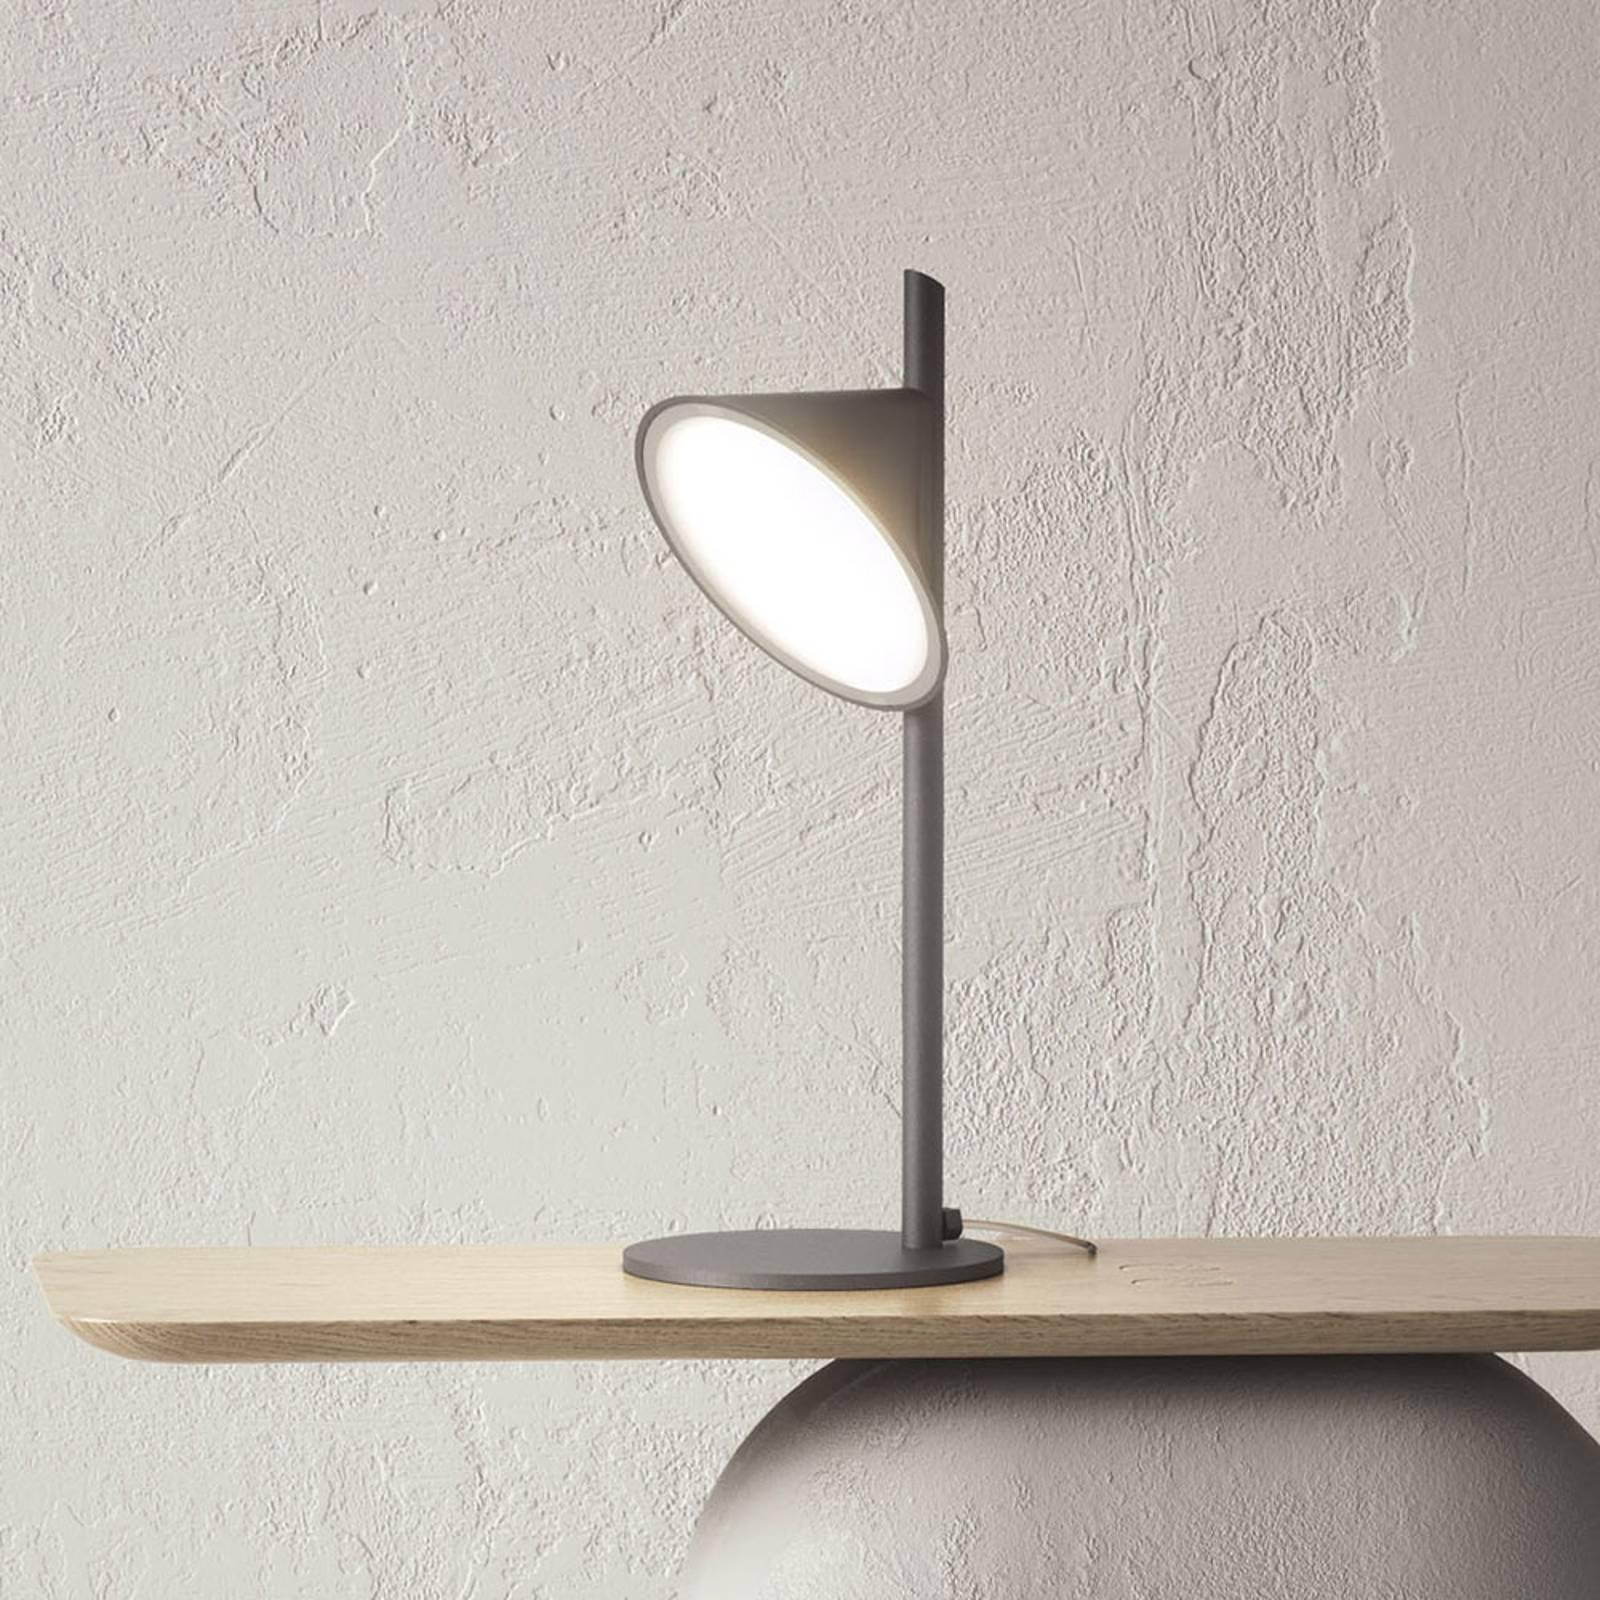 Axolight Orchid LED-pöytälamppu, tummanharmaa